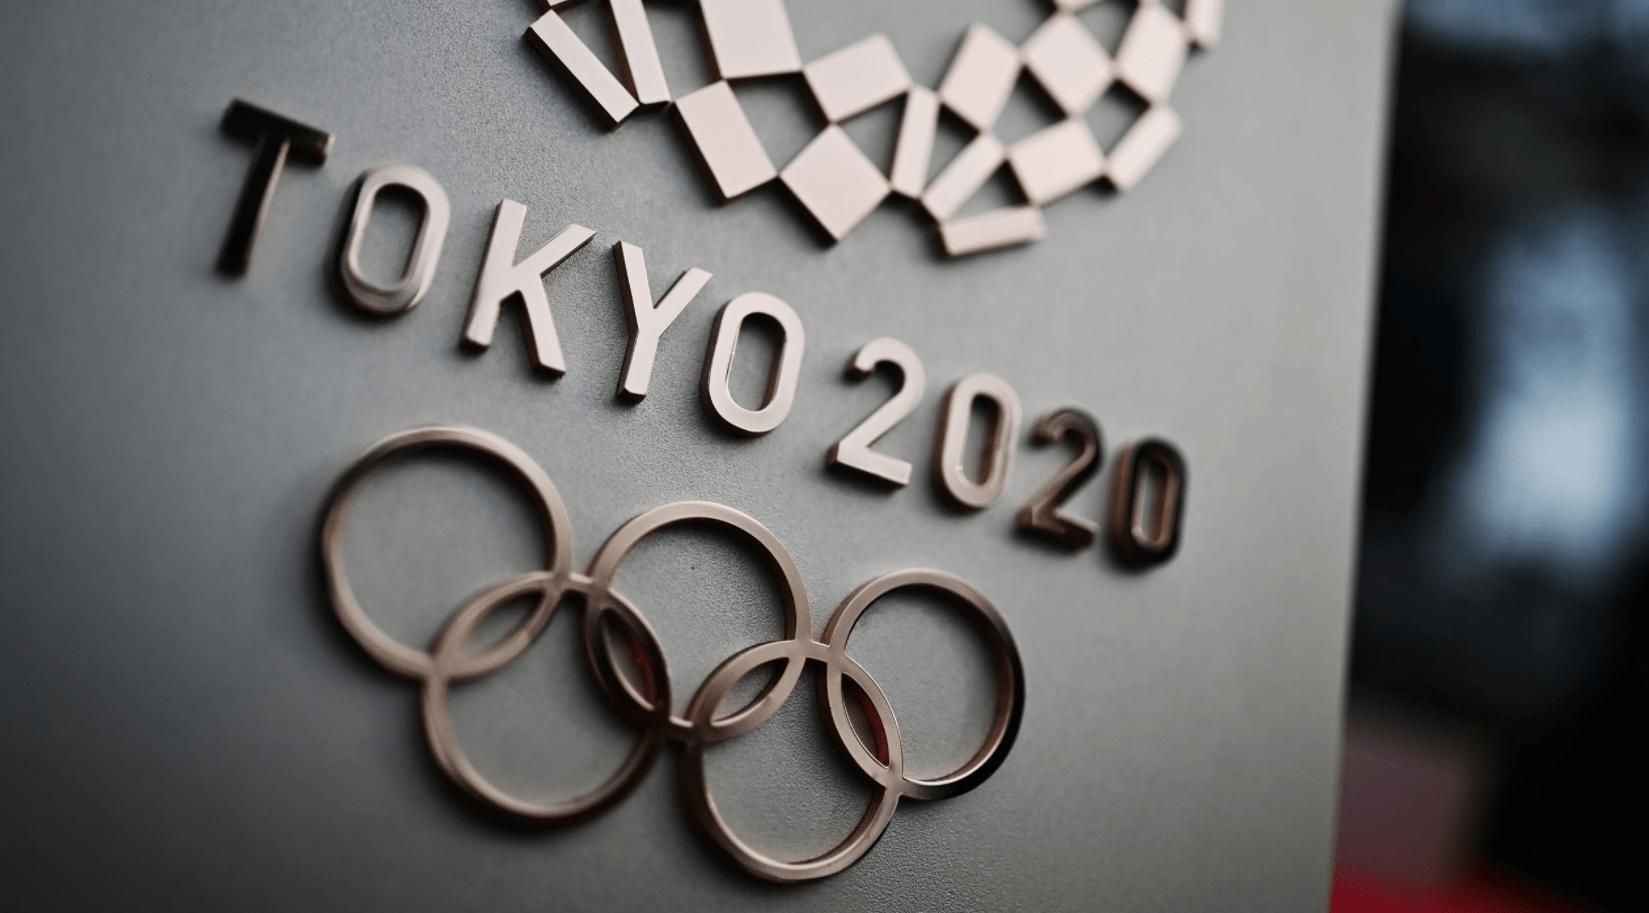 Премьер-министр Японии назвал единственное условие отмены Олимпиады в Токио